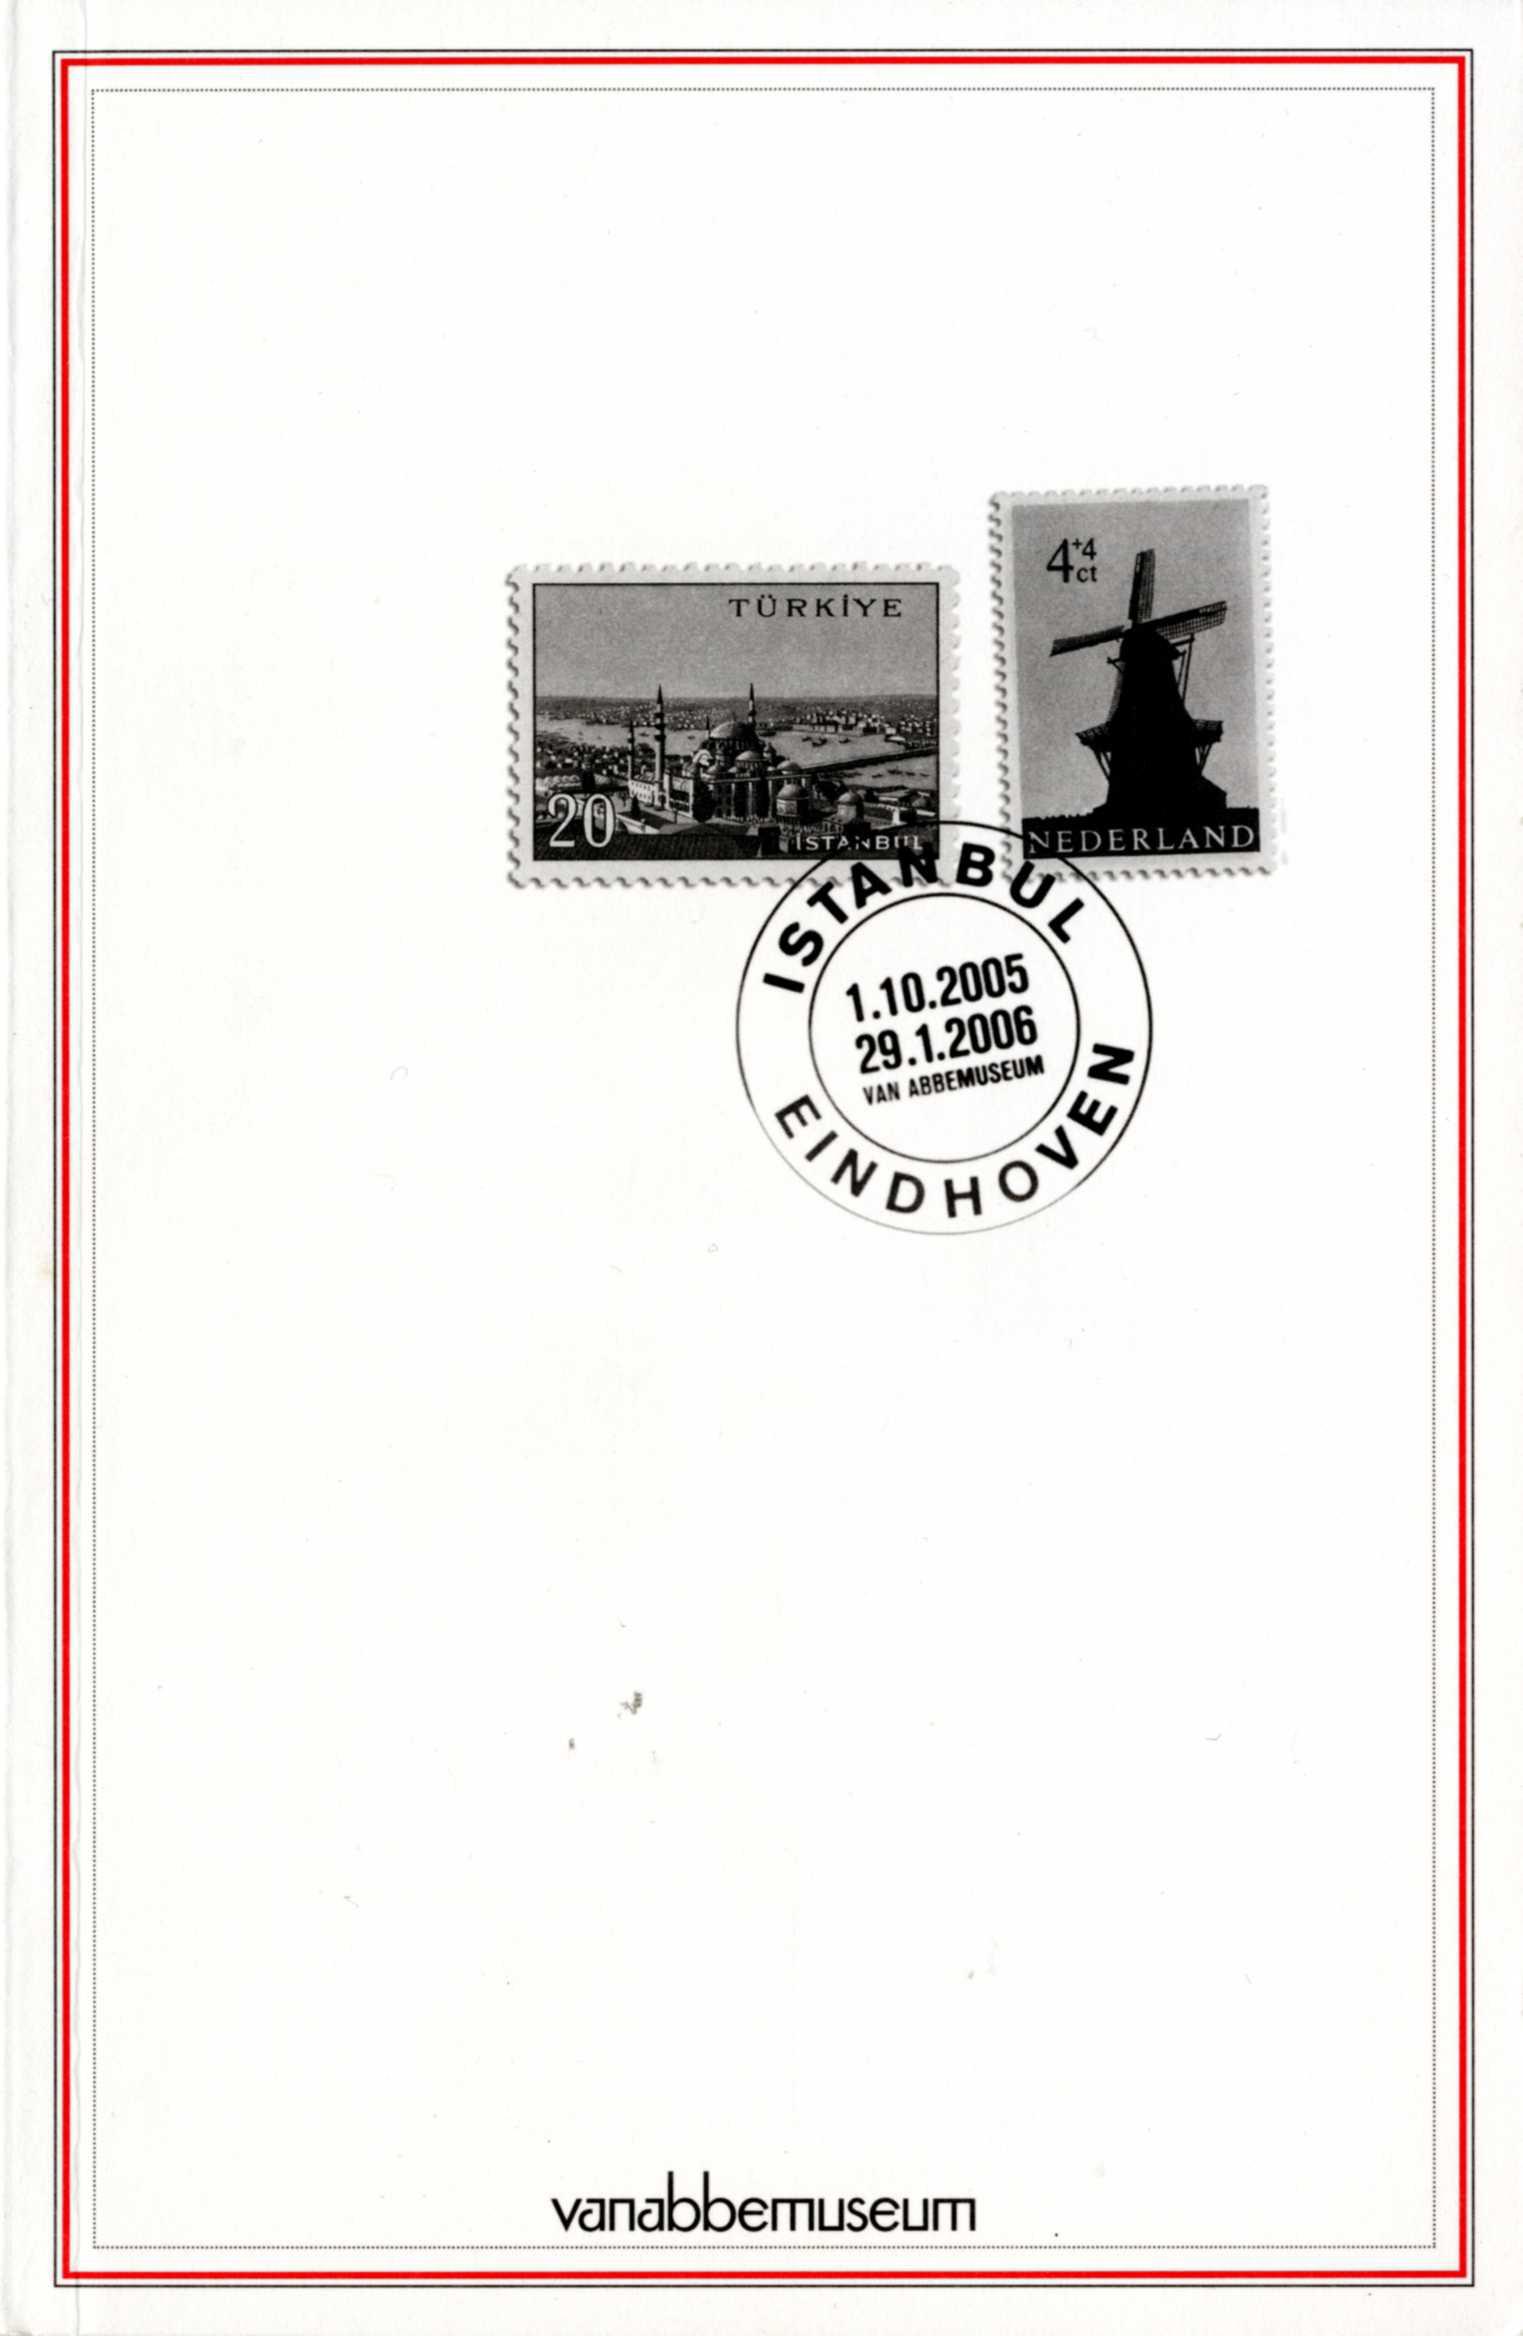 EindhovenIstanbul bezoekersgids